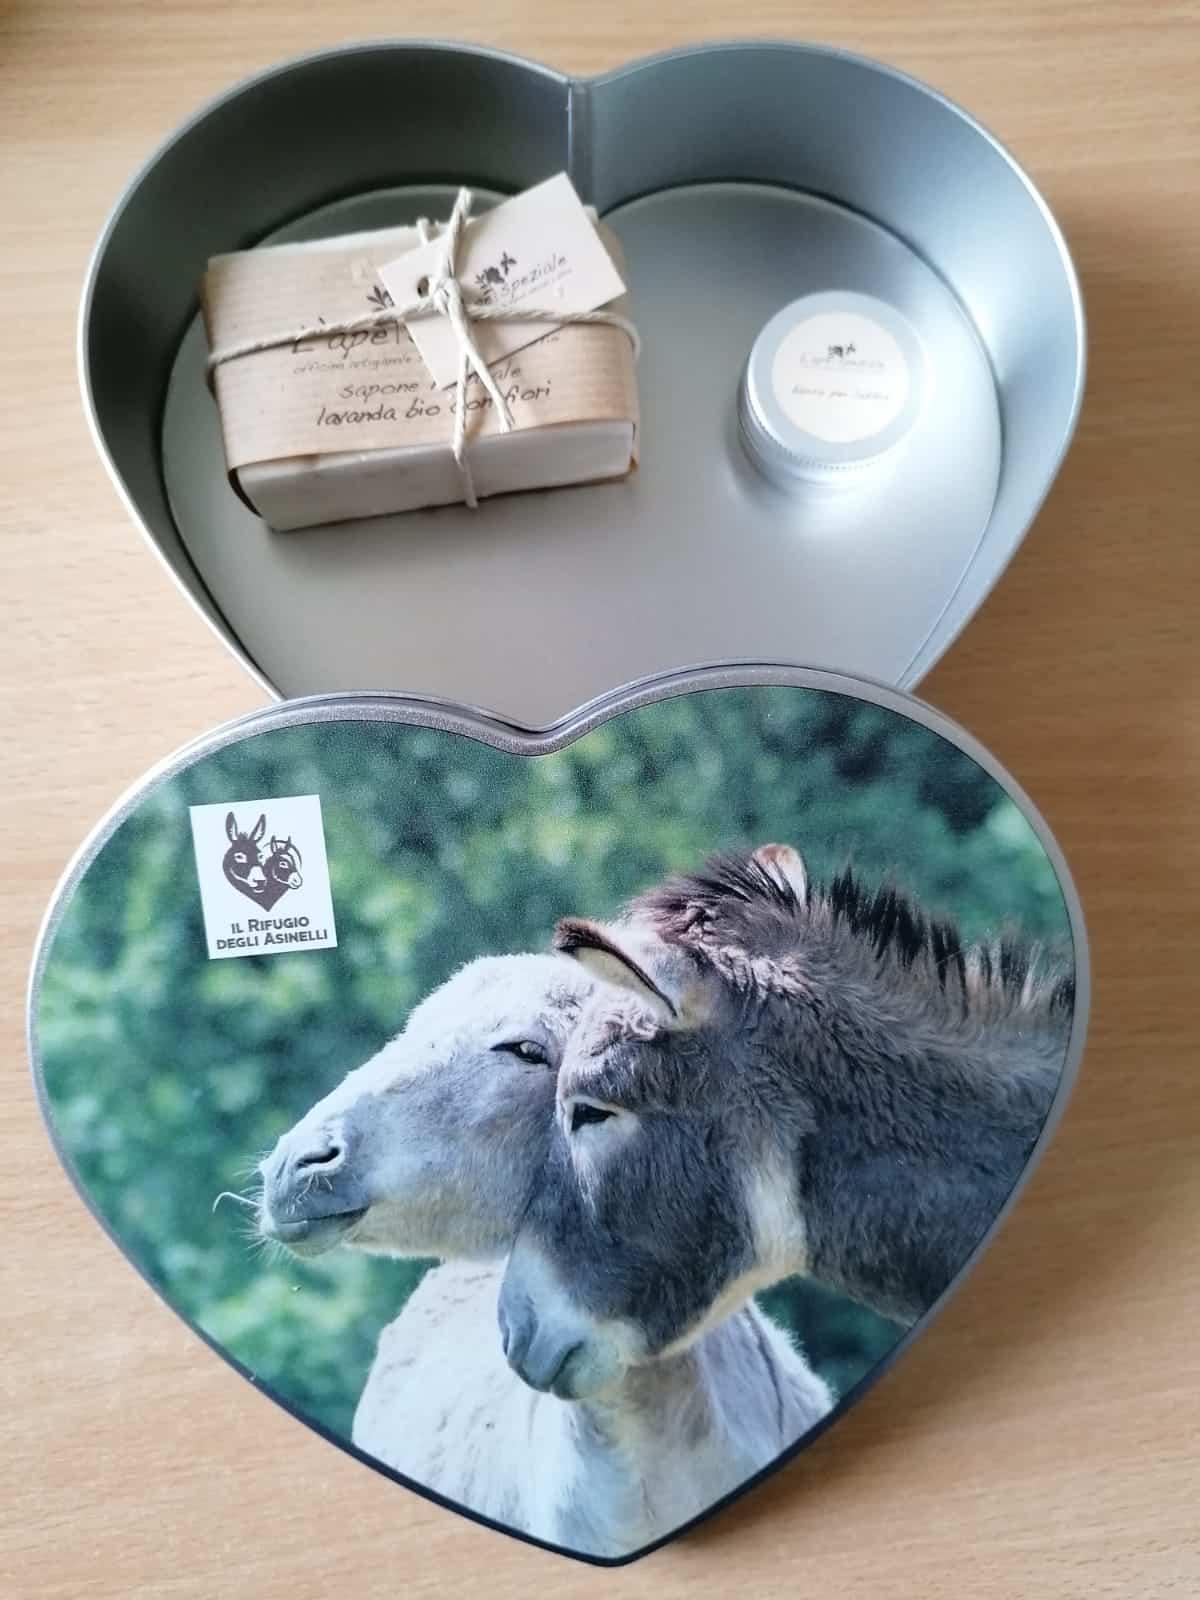 """Scatola in latta con immagine asinelli e logo """"Il Rifugio degli Asinelli"""" contenente una saponetta e un burro labbra bio de """"L'Ape Speziale"""""""